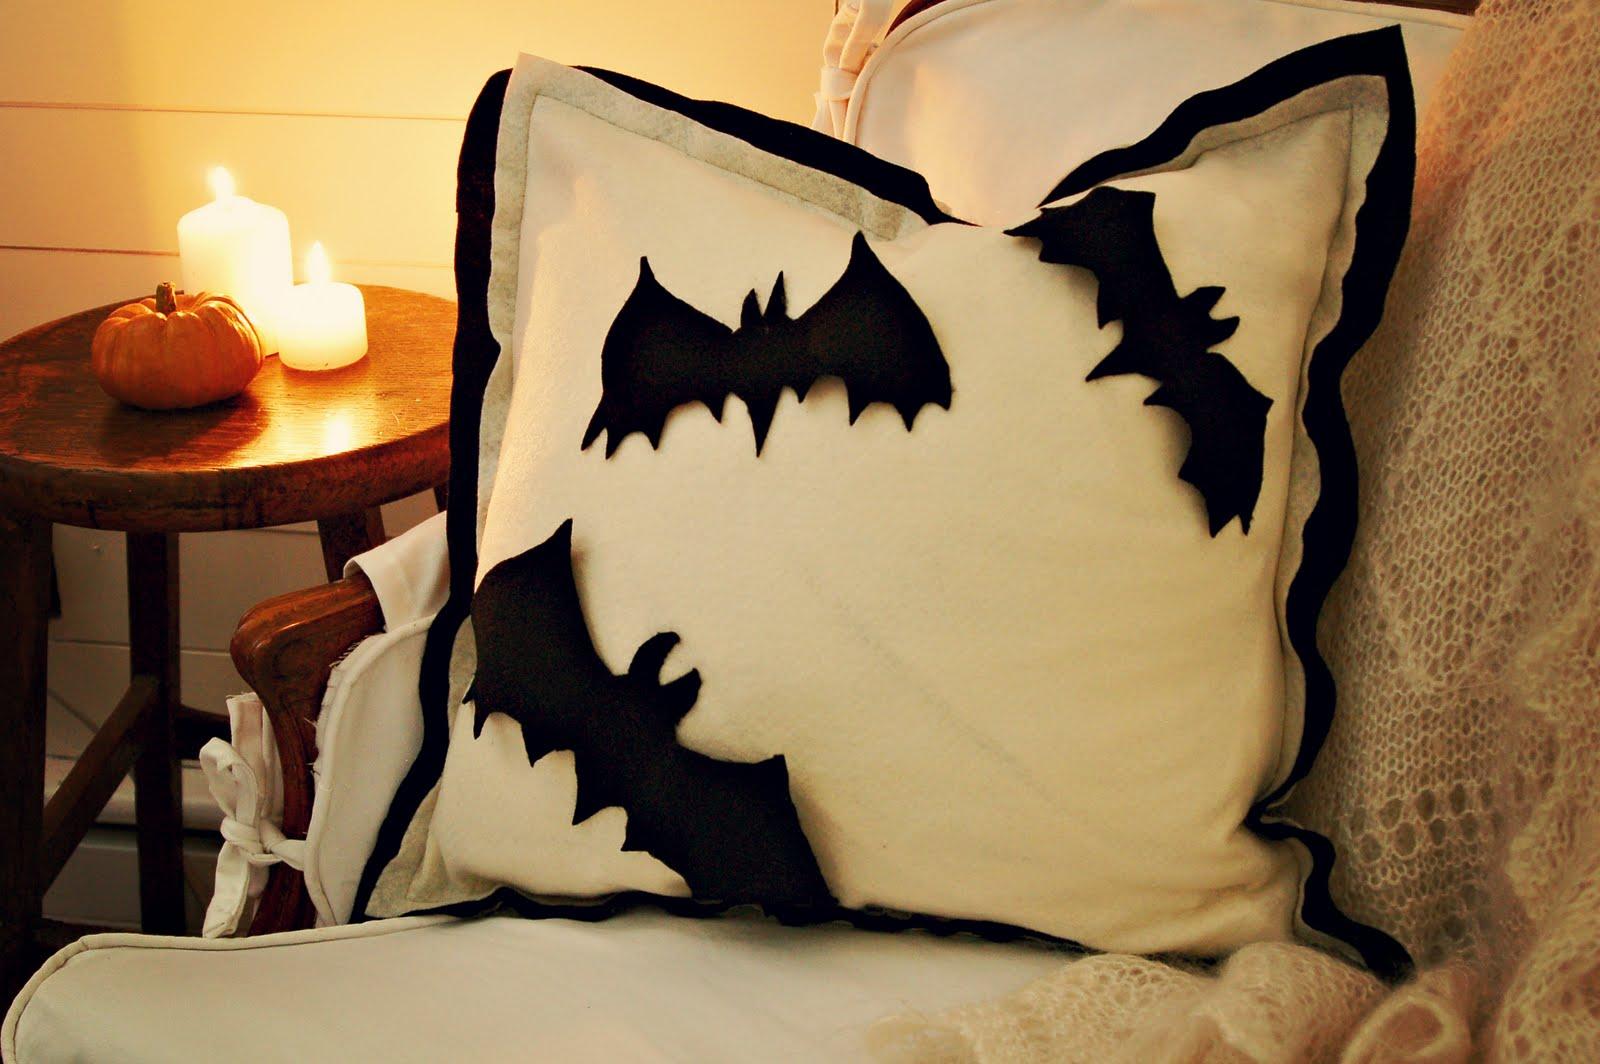 http://4.bp.blogspot.com/-n83-jKUnbYw/TlL4Wur7ThI/AAAAAAAAJKA/5XxJFBtwNNg/s1600/Pillow+-+Beauty+Shot+1.jpg